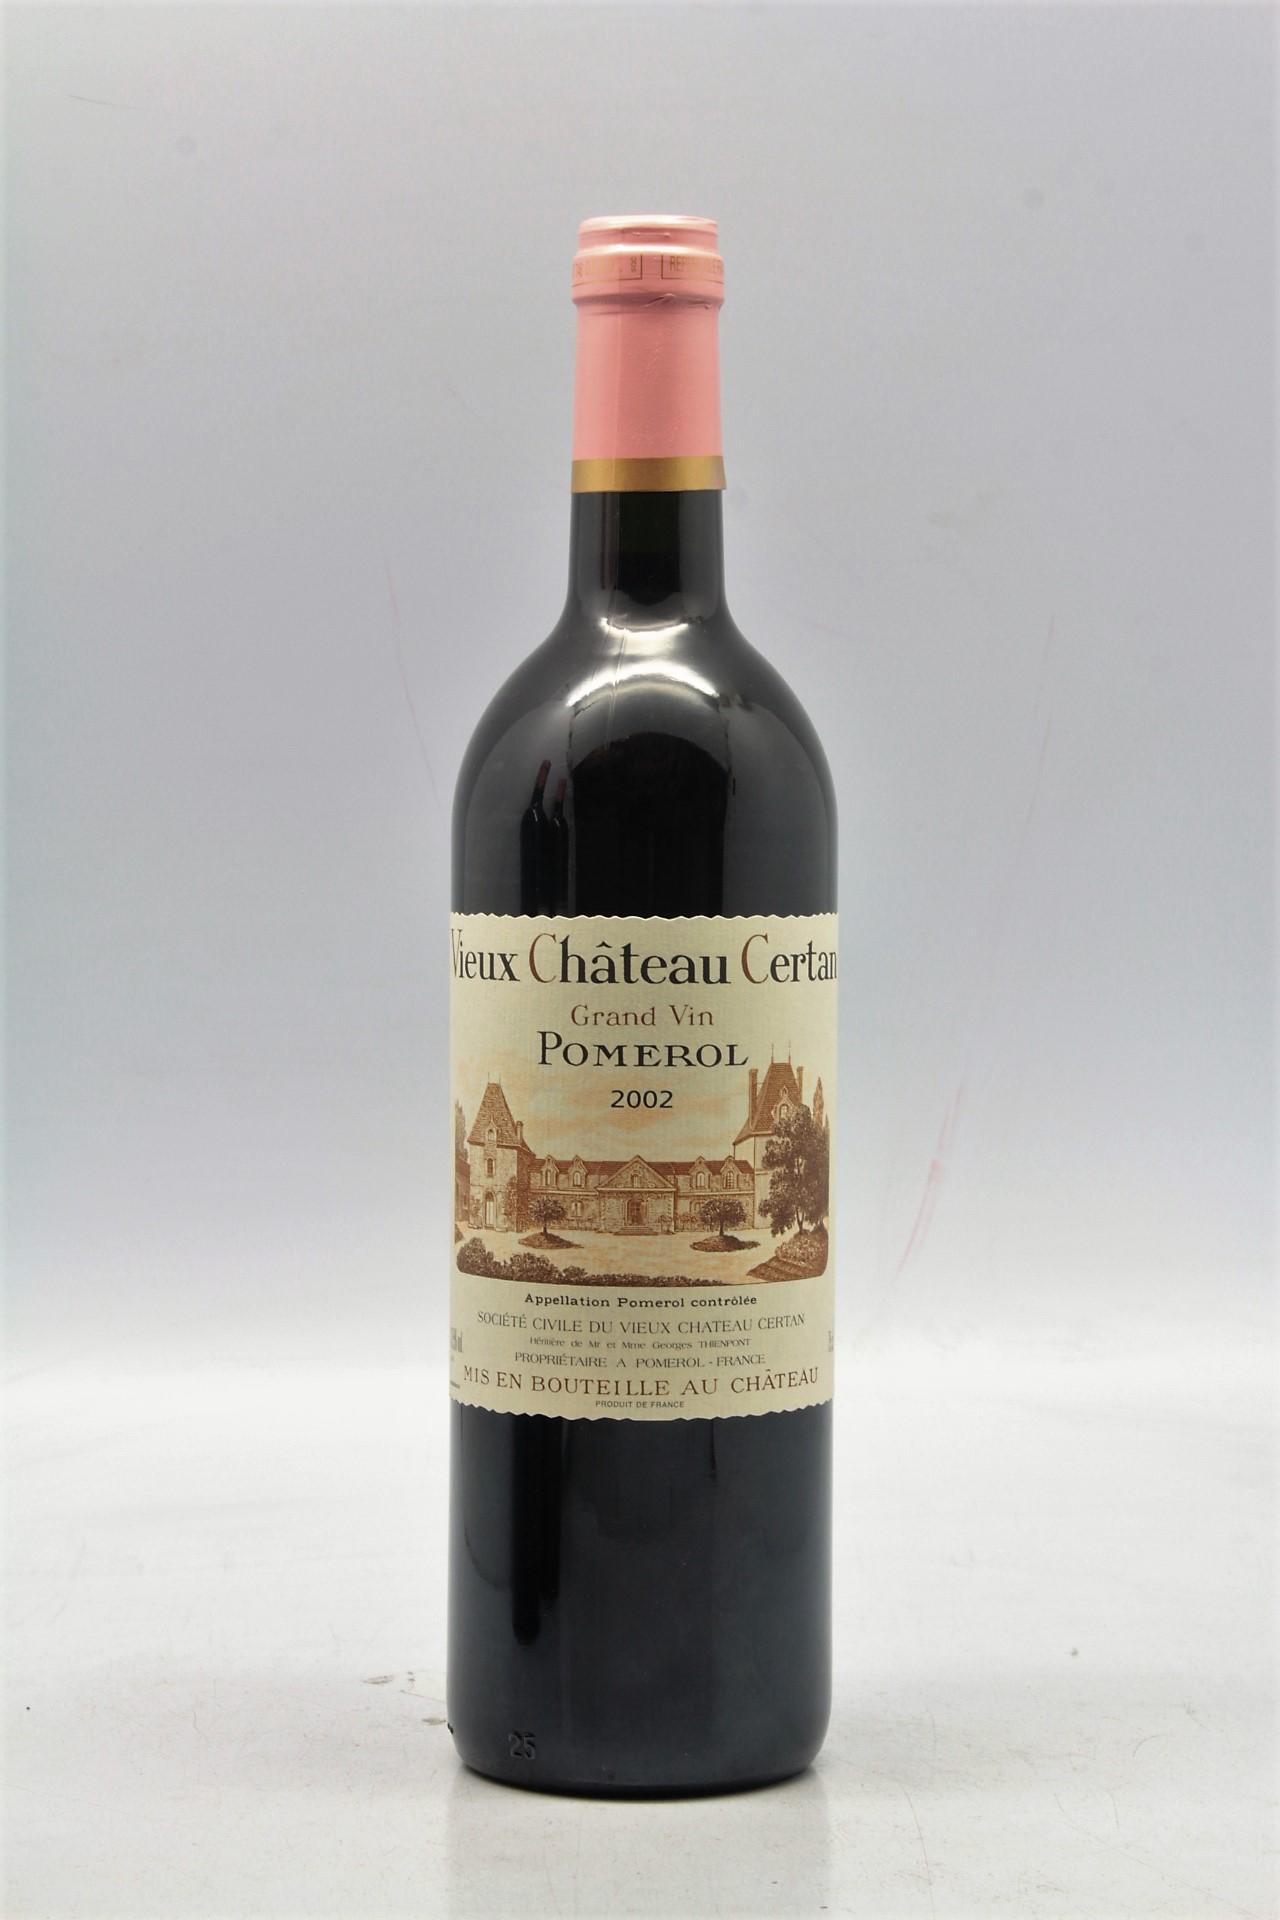 Le Jardin Des Provinces Pessac Frais Vieux Ch¢teau Certan 2002 Vins & Millesimes